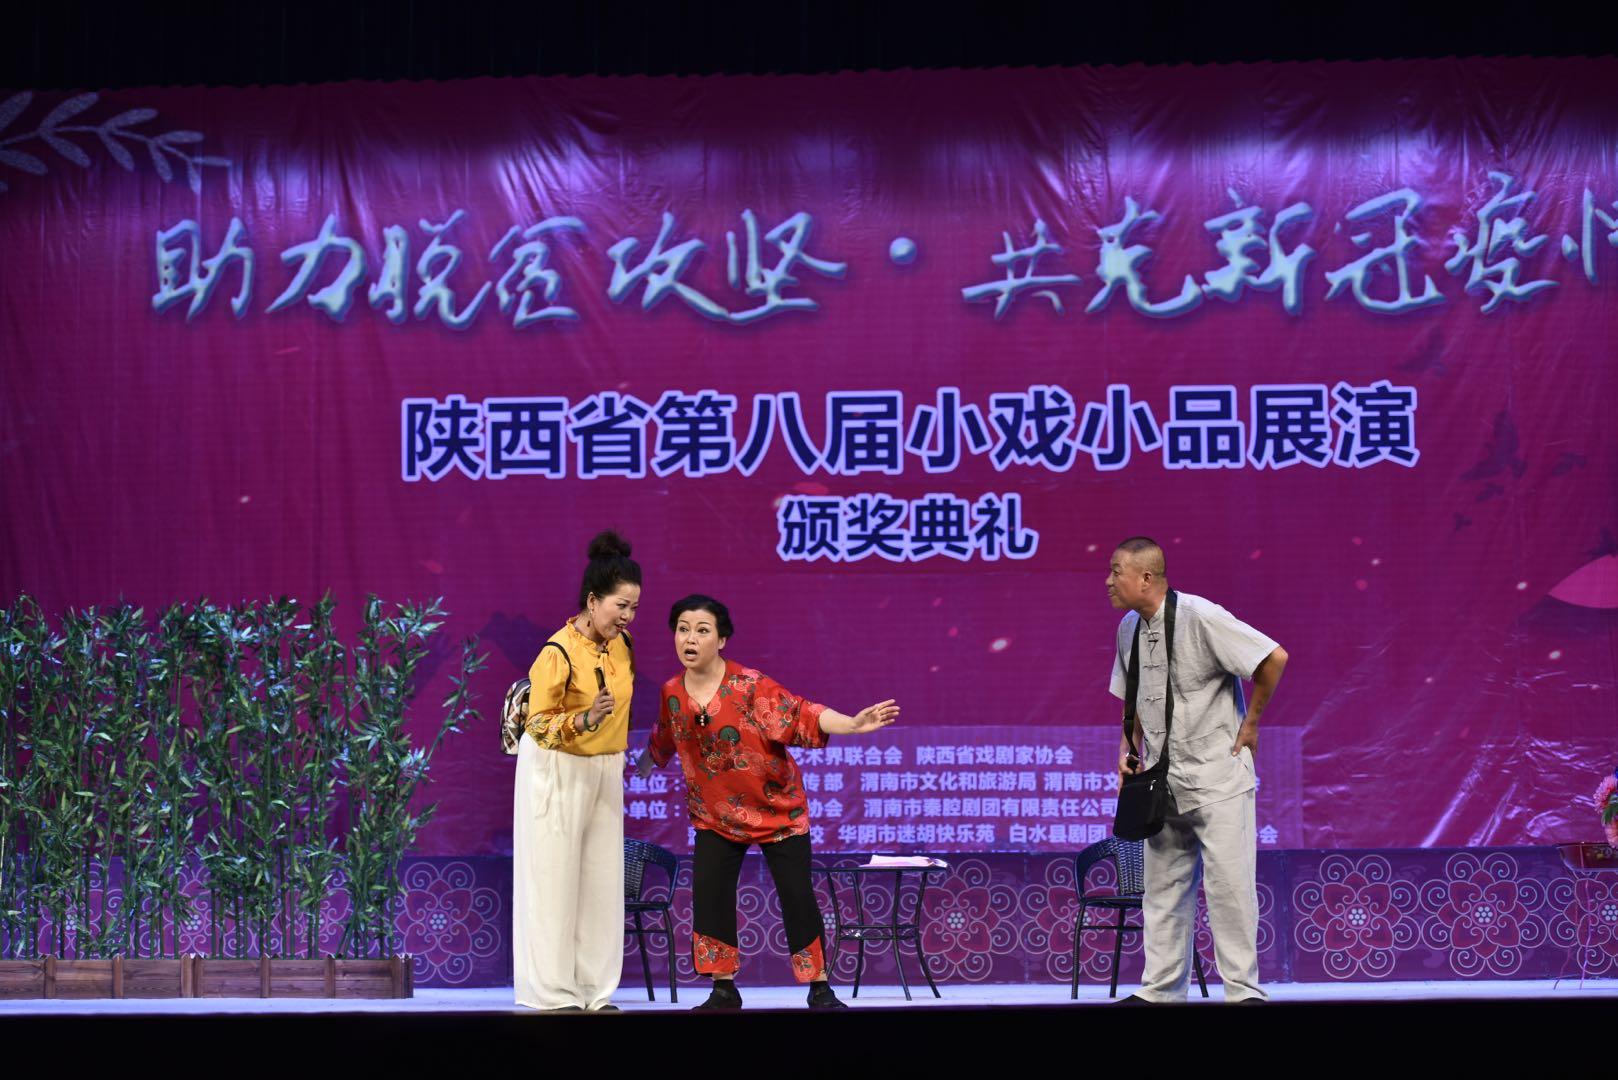 陕西省第八届小戏小品展演圆满落幕